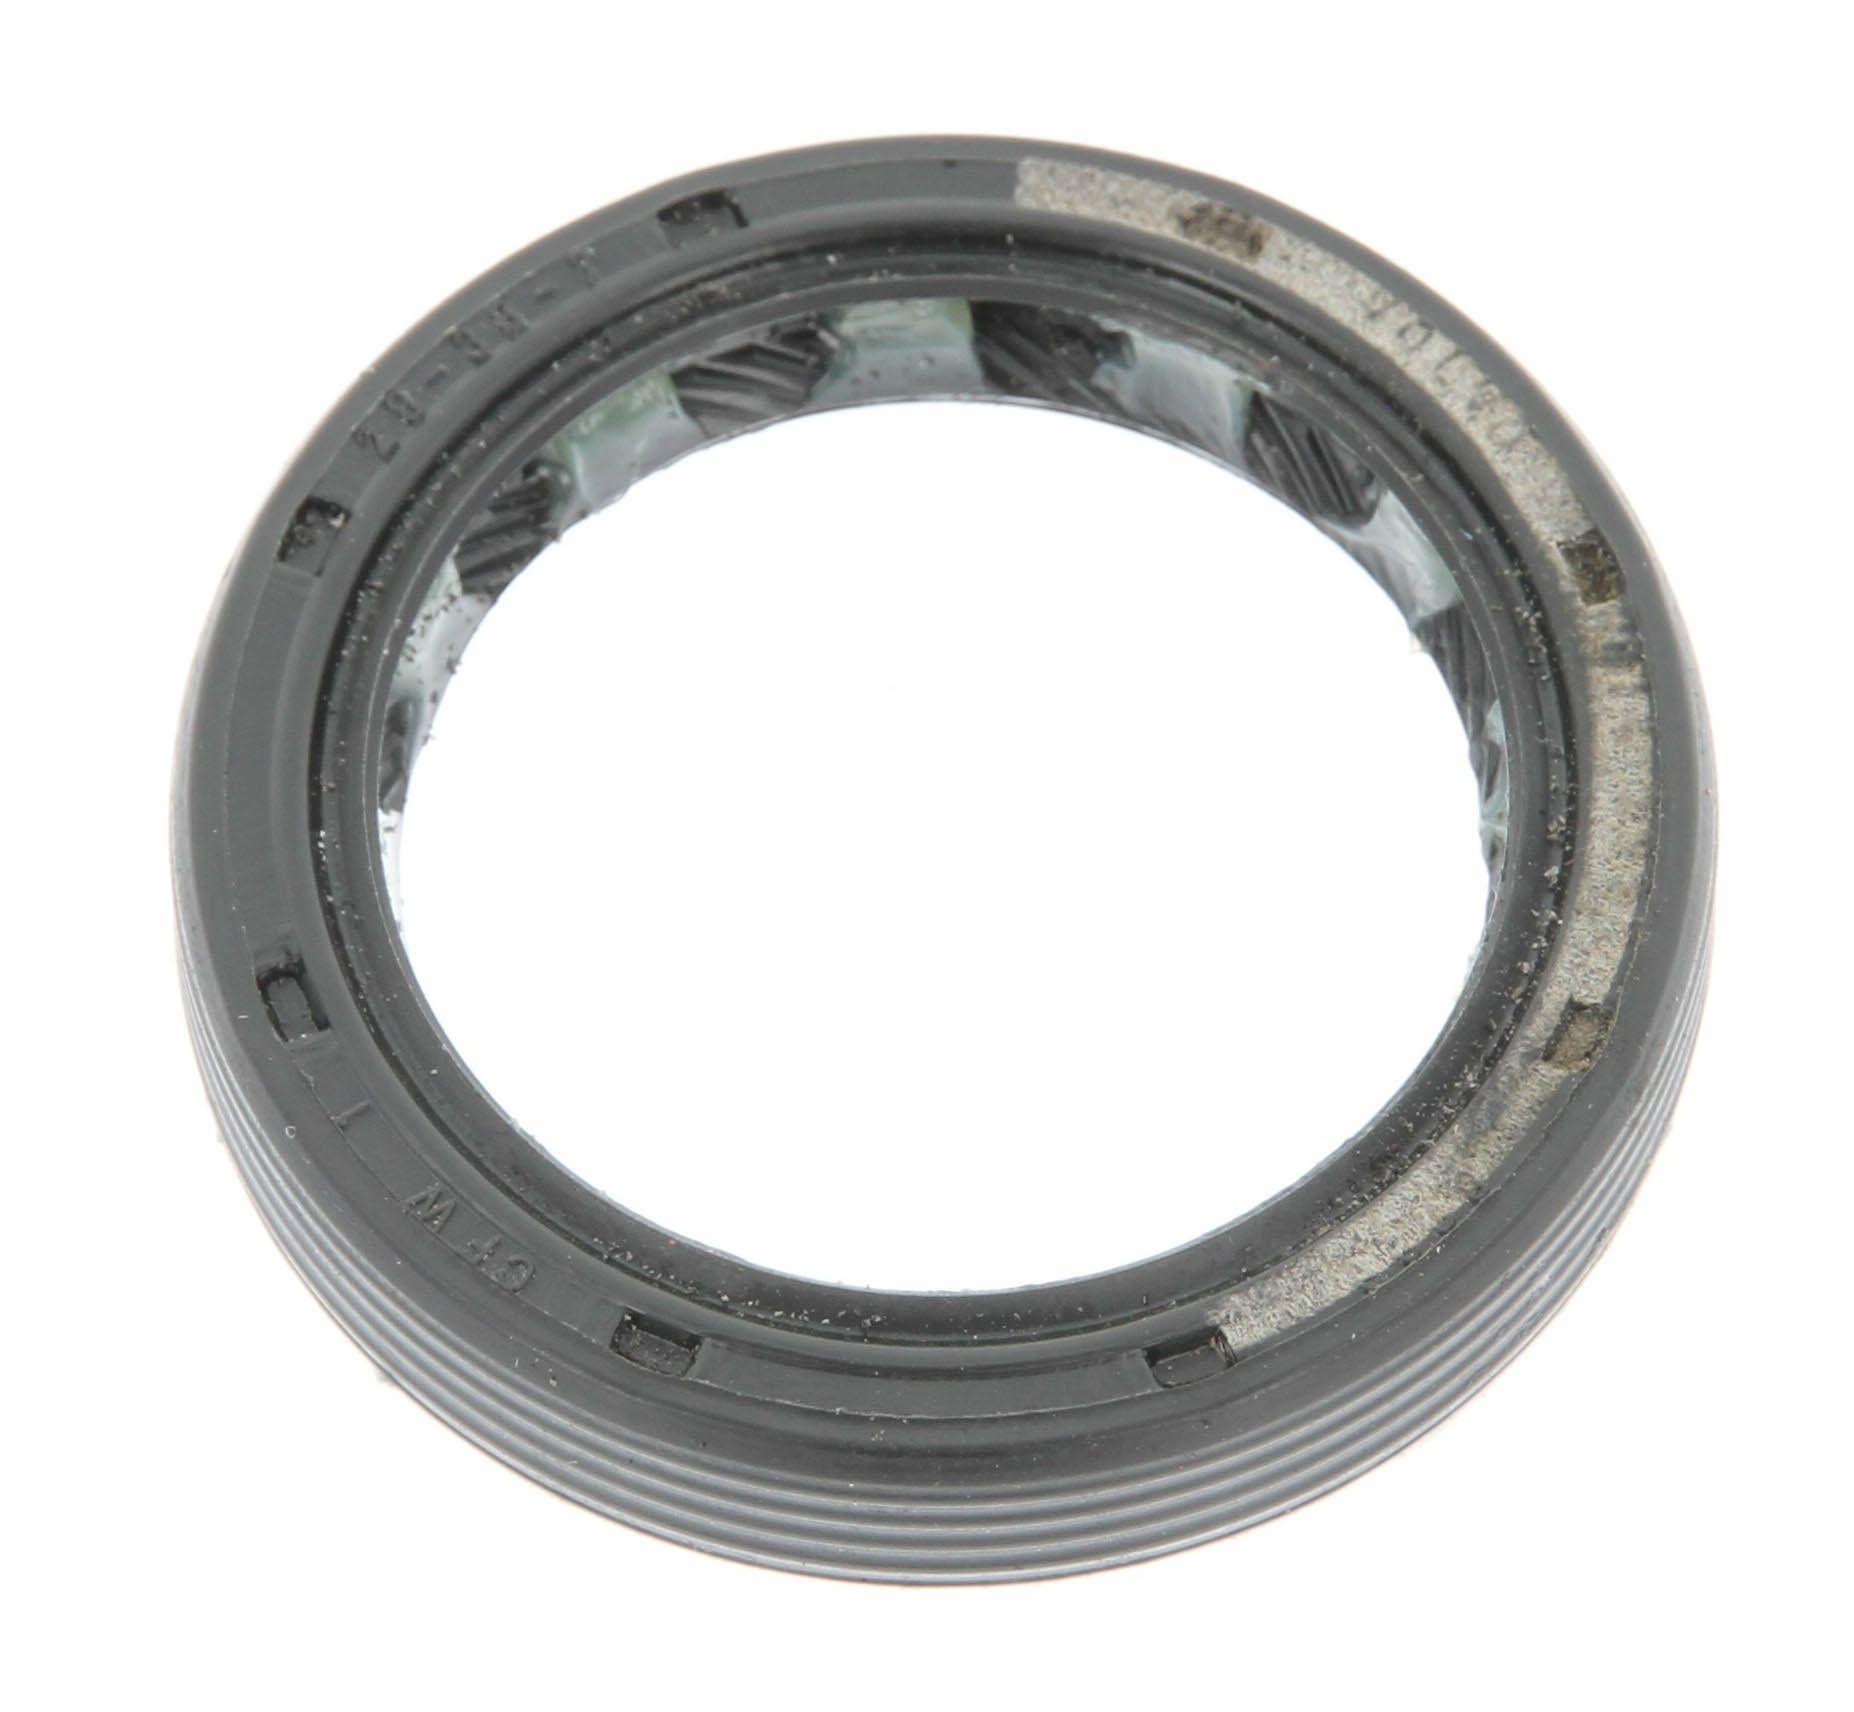 Veleno sandariklis, neautomatinė transmisija 01034061B pirkti - 24/7